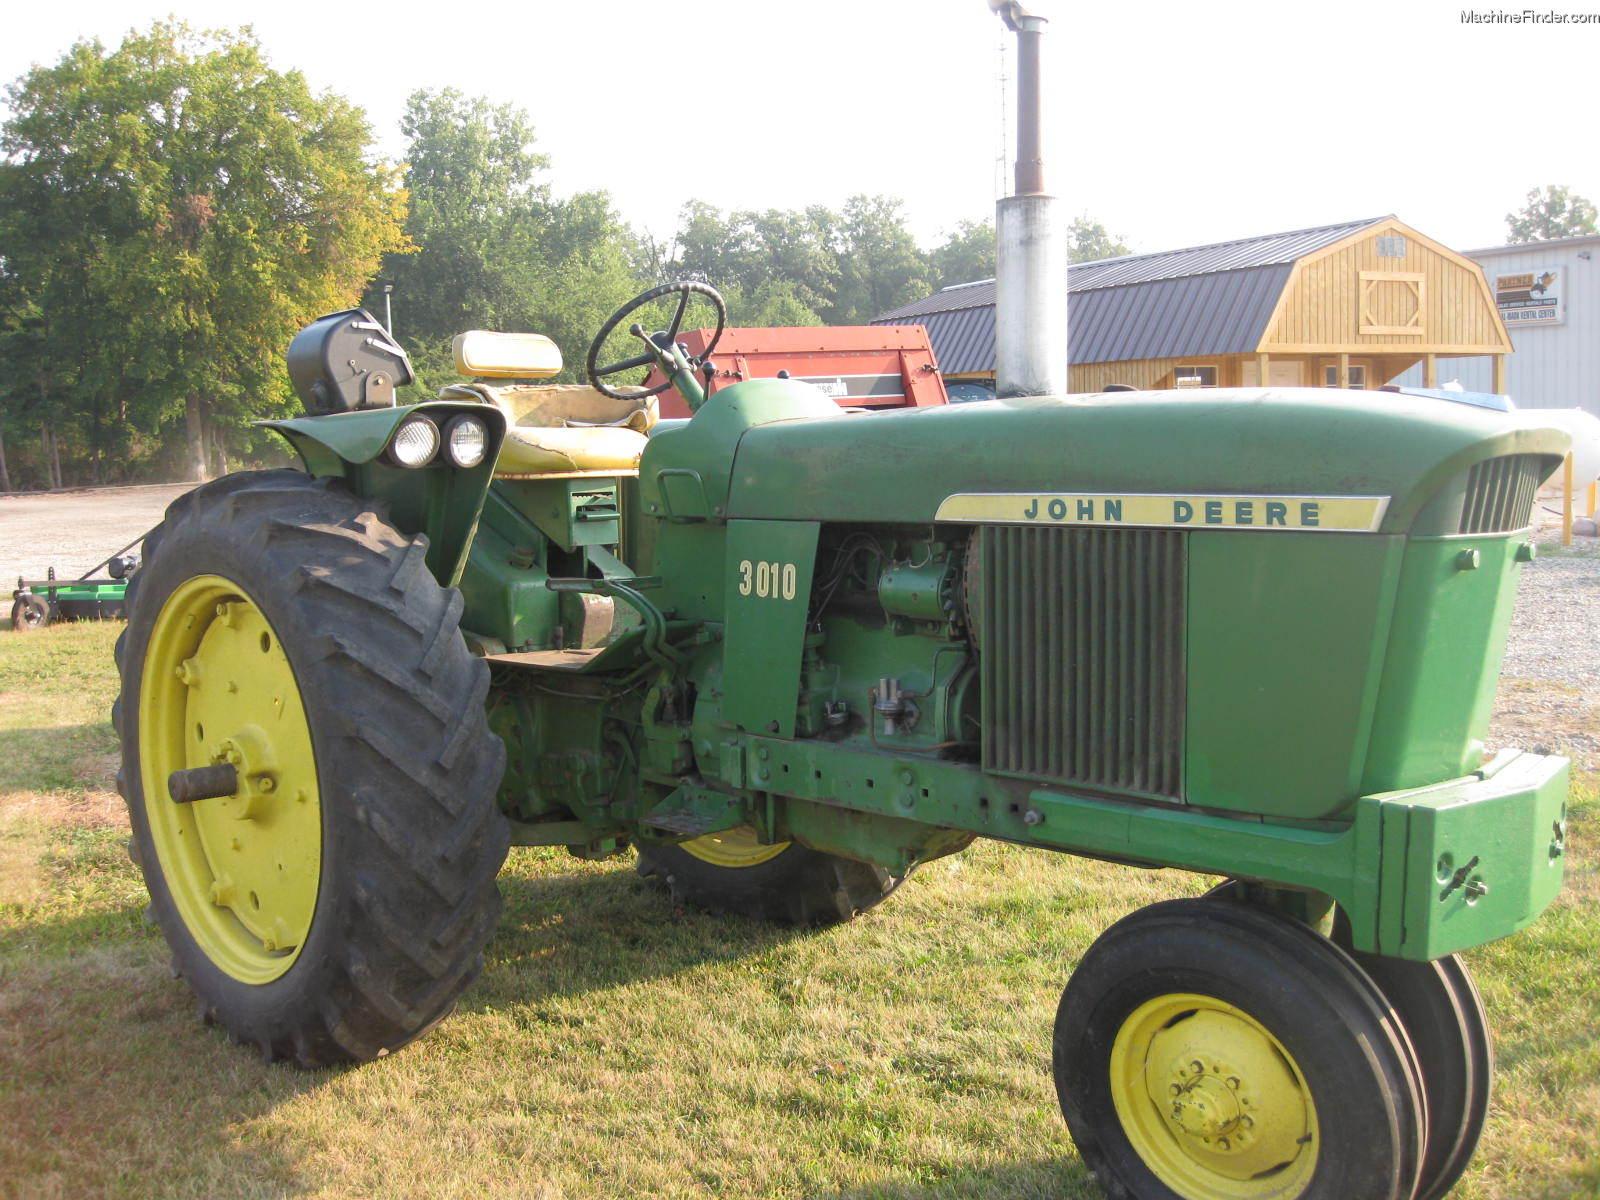 1967 John Deere 3010 Tractors - Row Crop (+100hp) - John ...